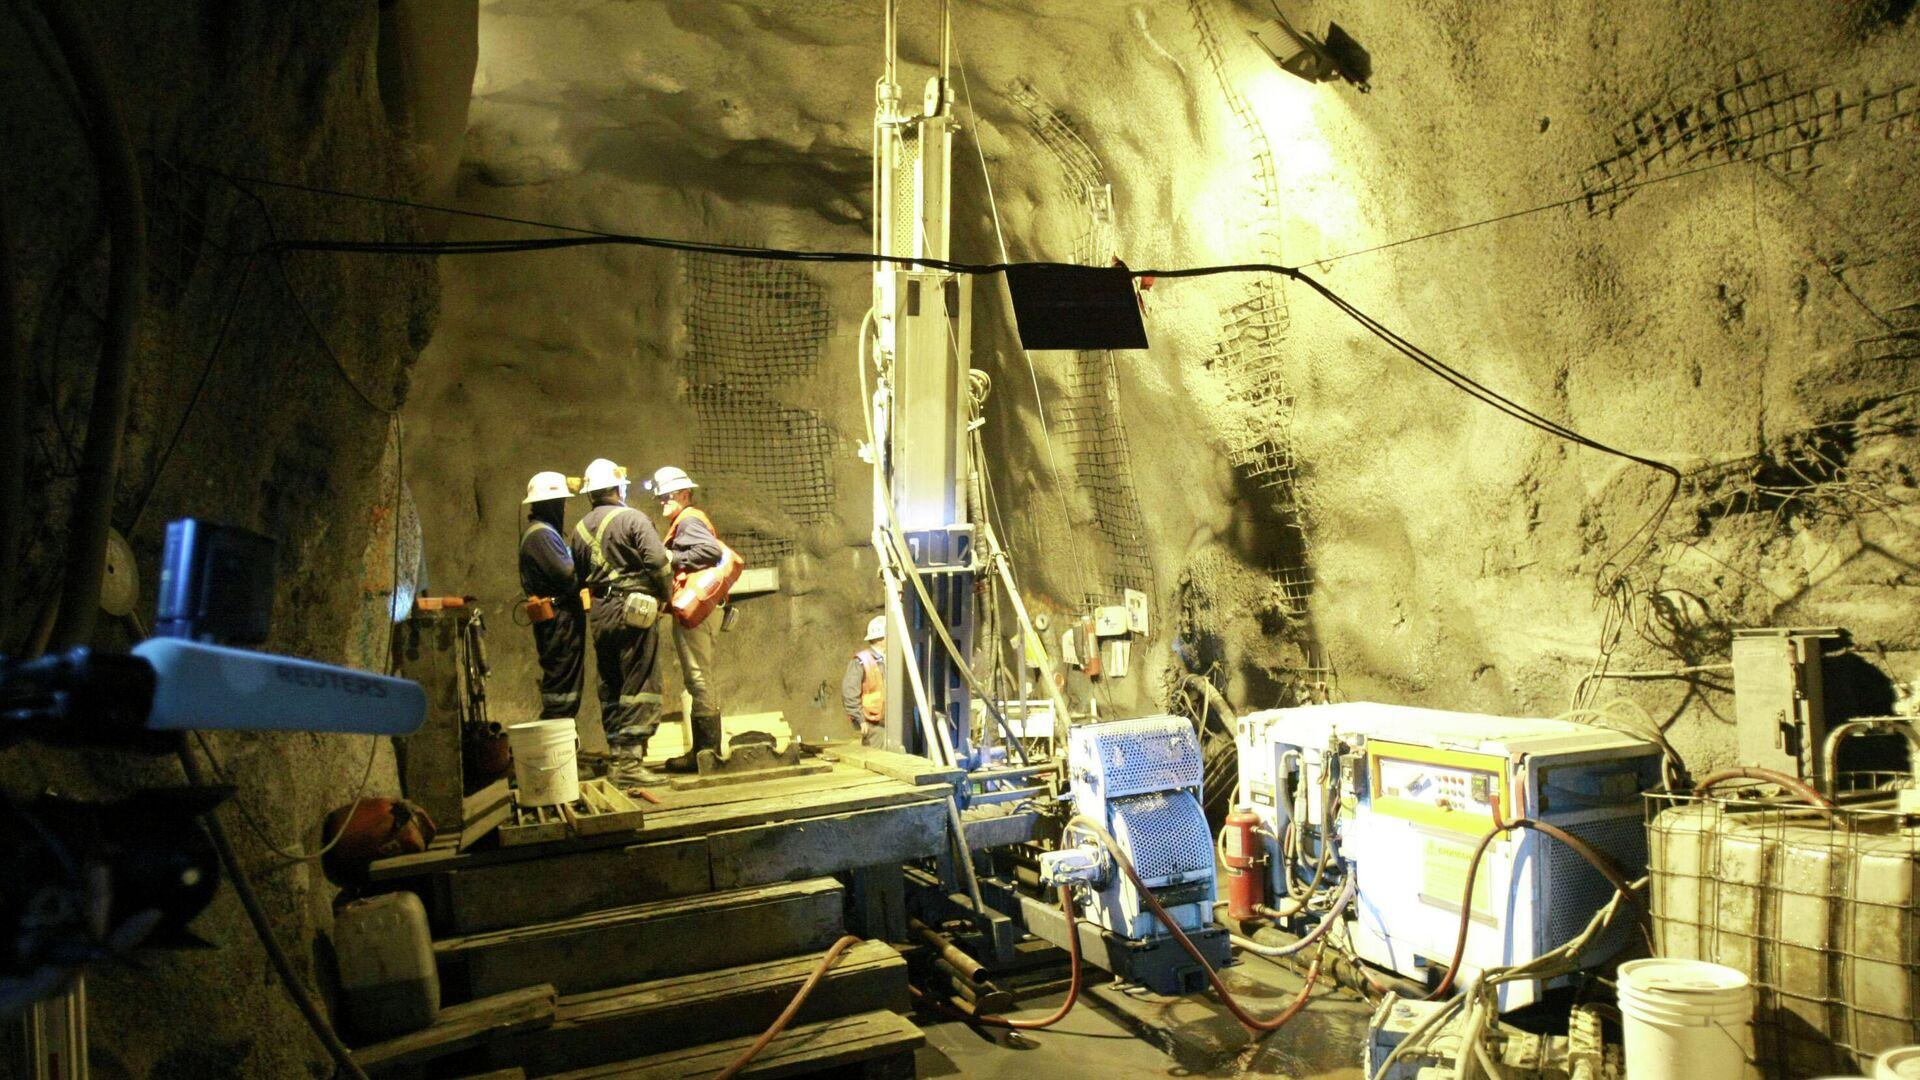 Lavoratori in una miniera - Sputnik Italia, 1920, 14.08.2021